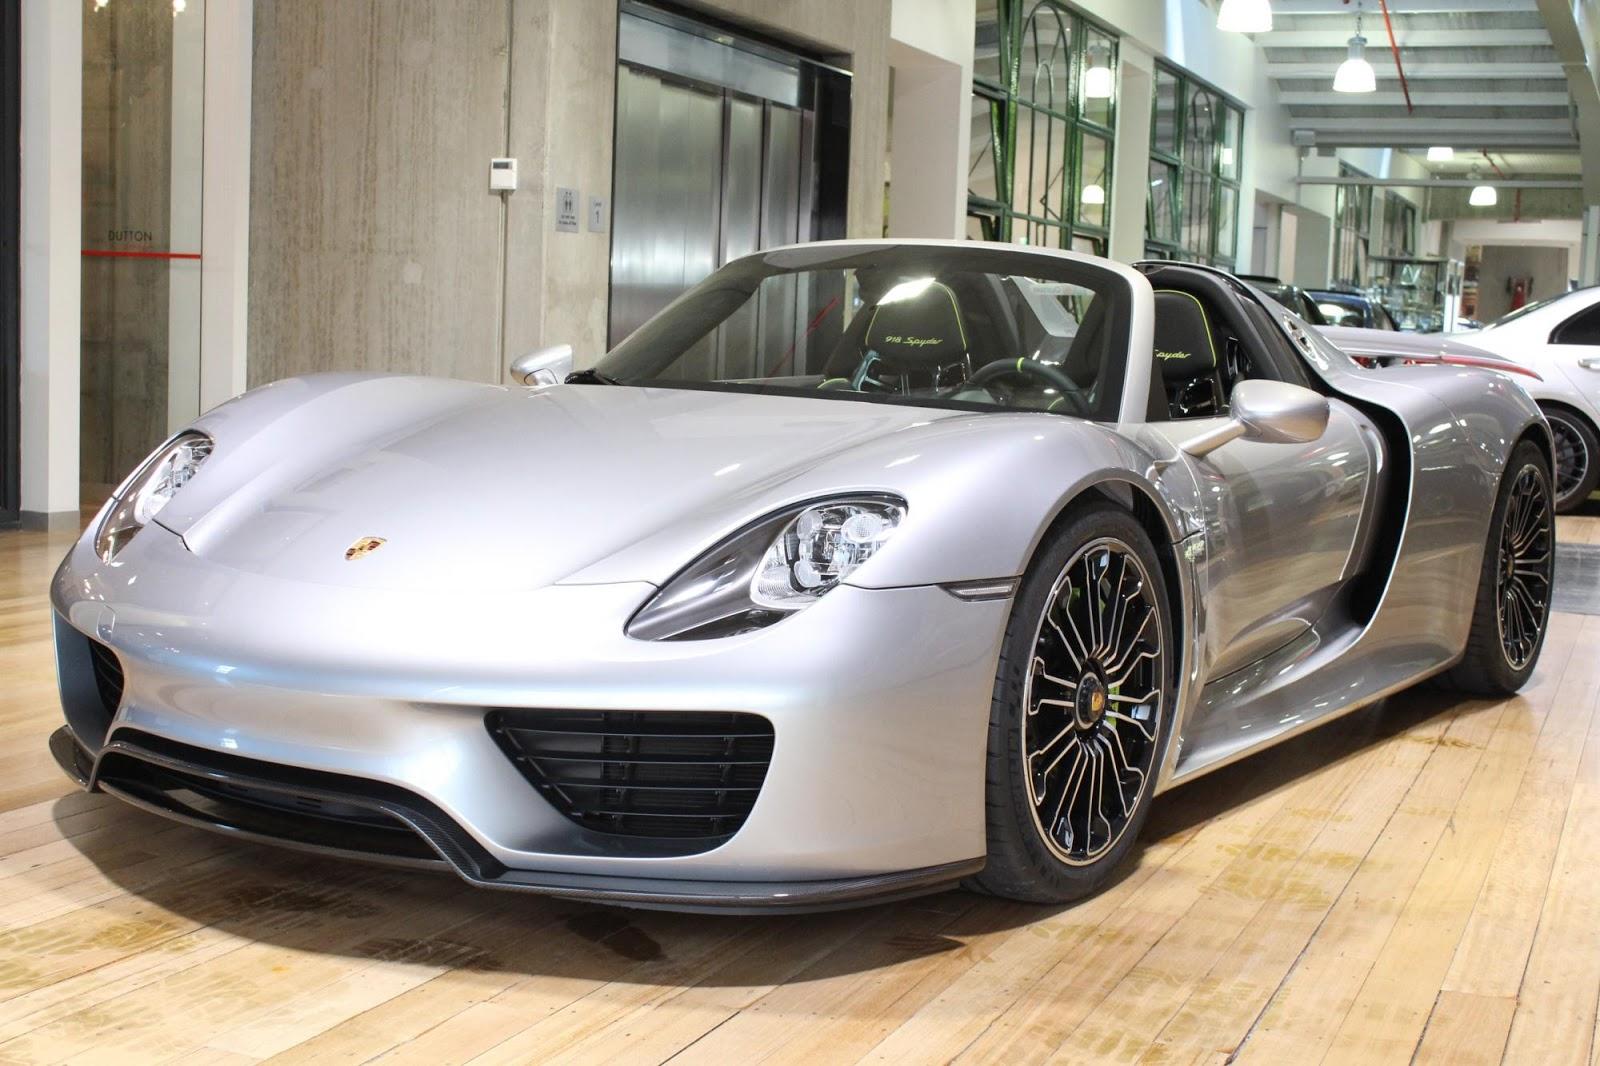 2015 Porsche 918 Spyder for sale in Australia at Dutton Garage ...